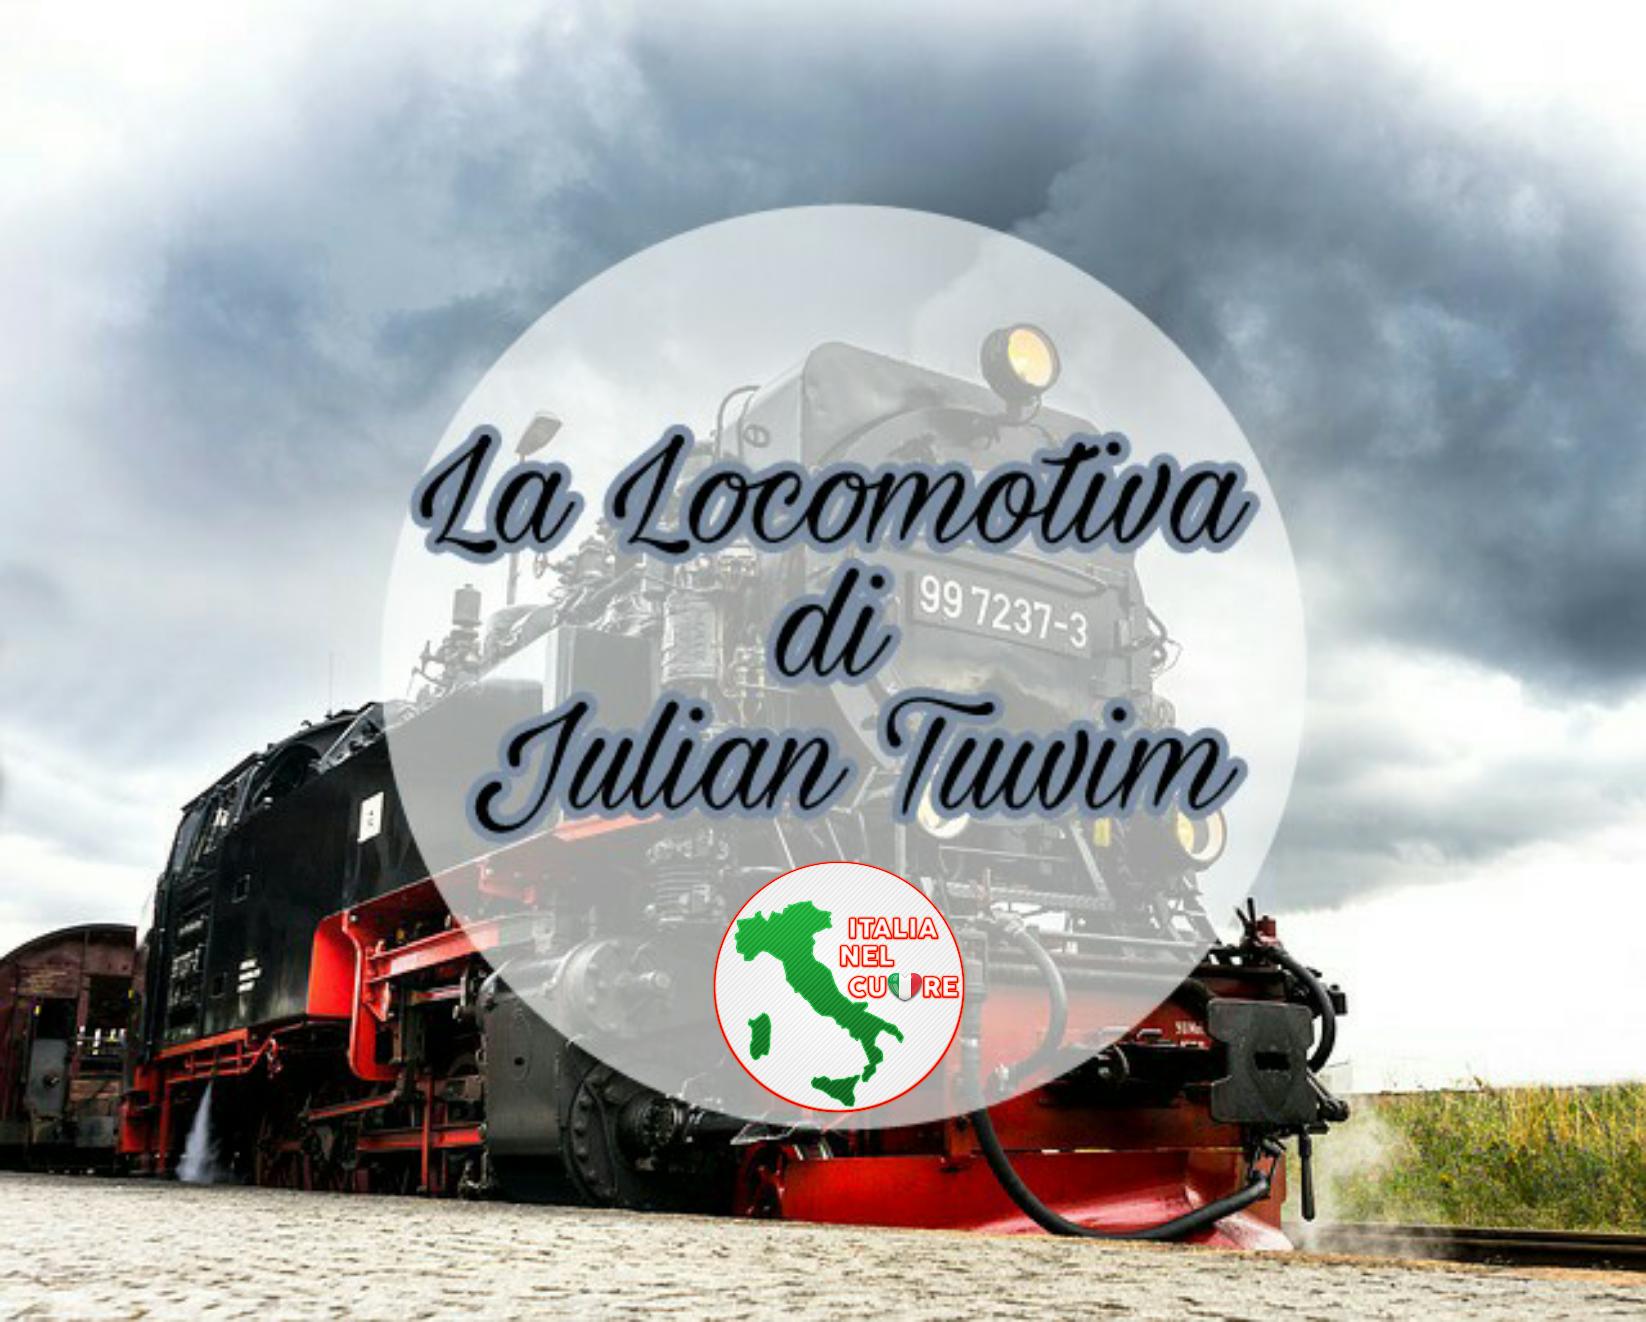 La Locomotiva Di Julian Tuwim Italia Nel Cuore